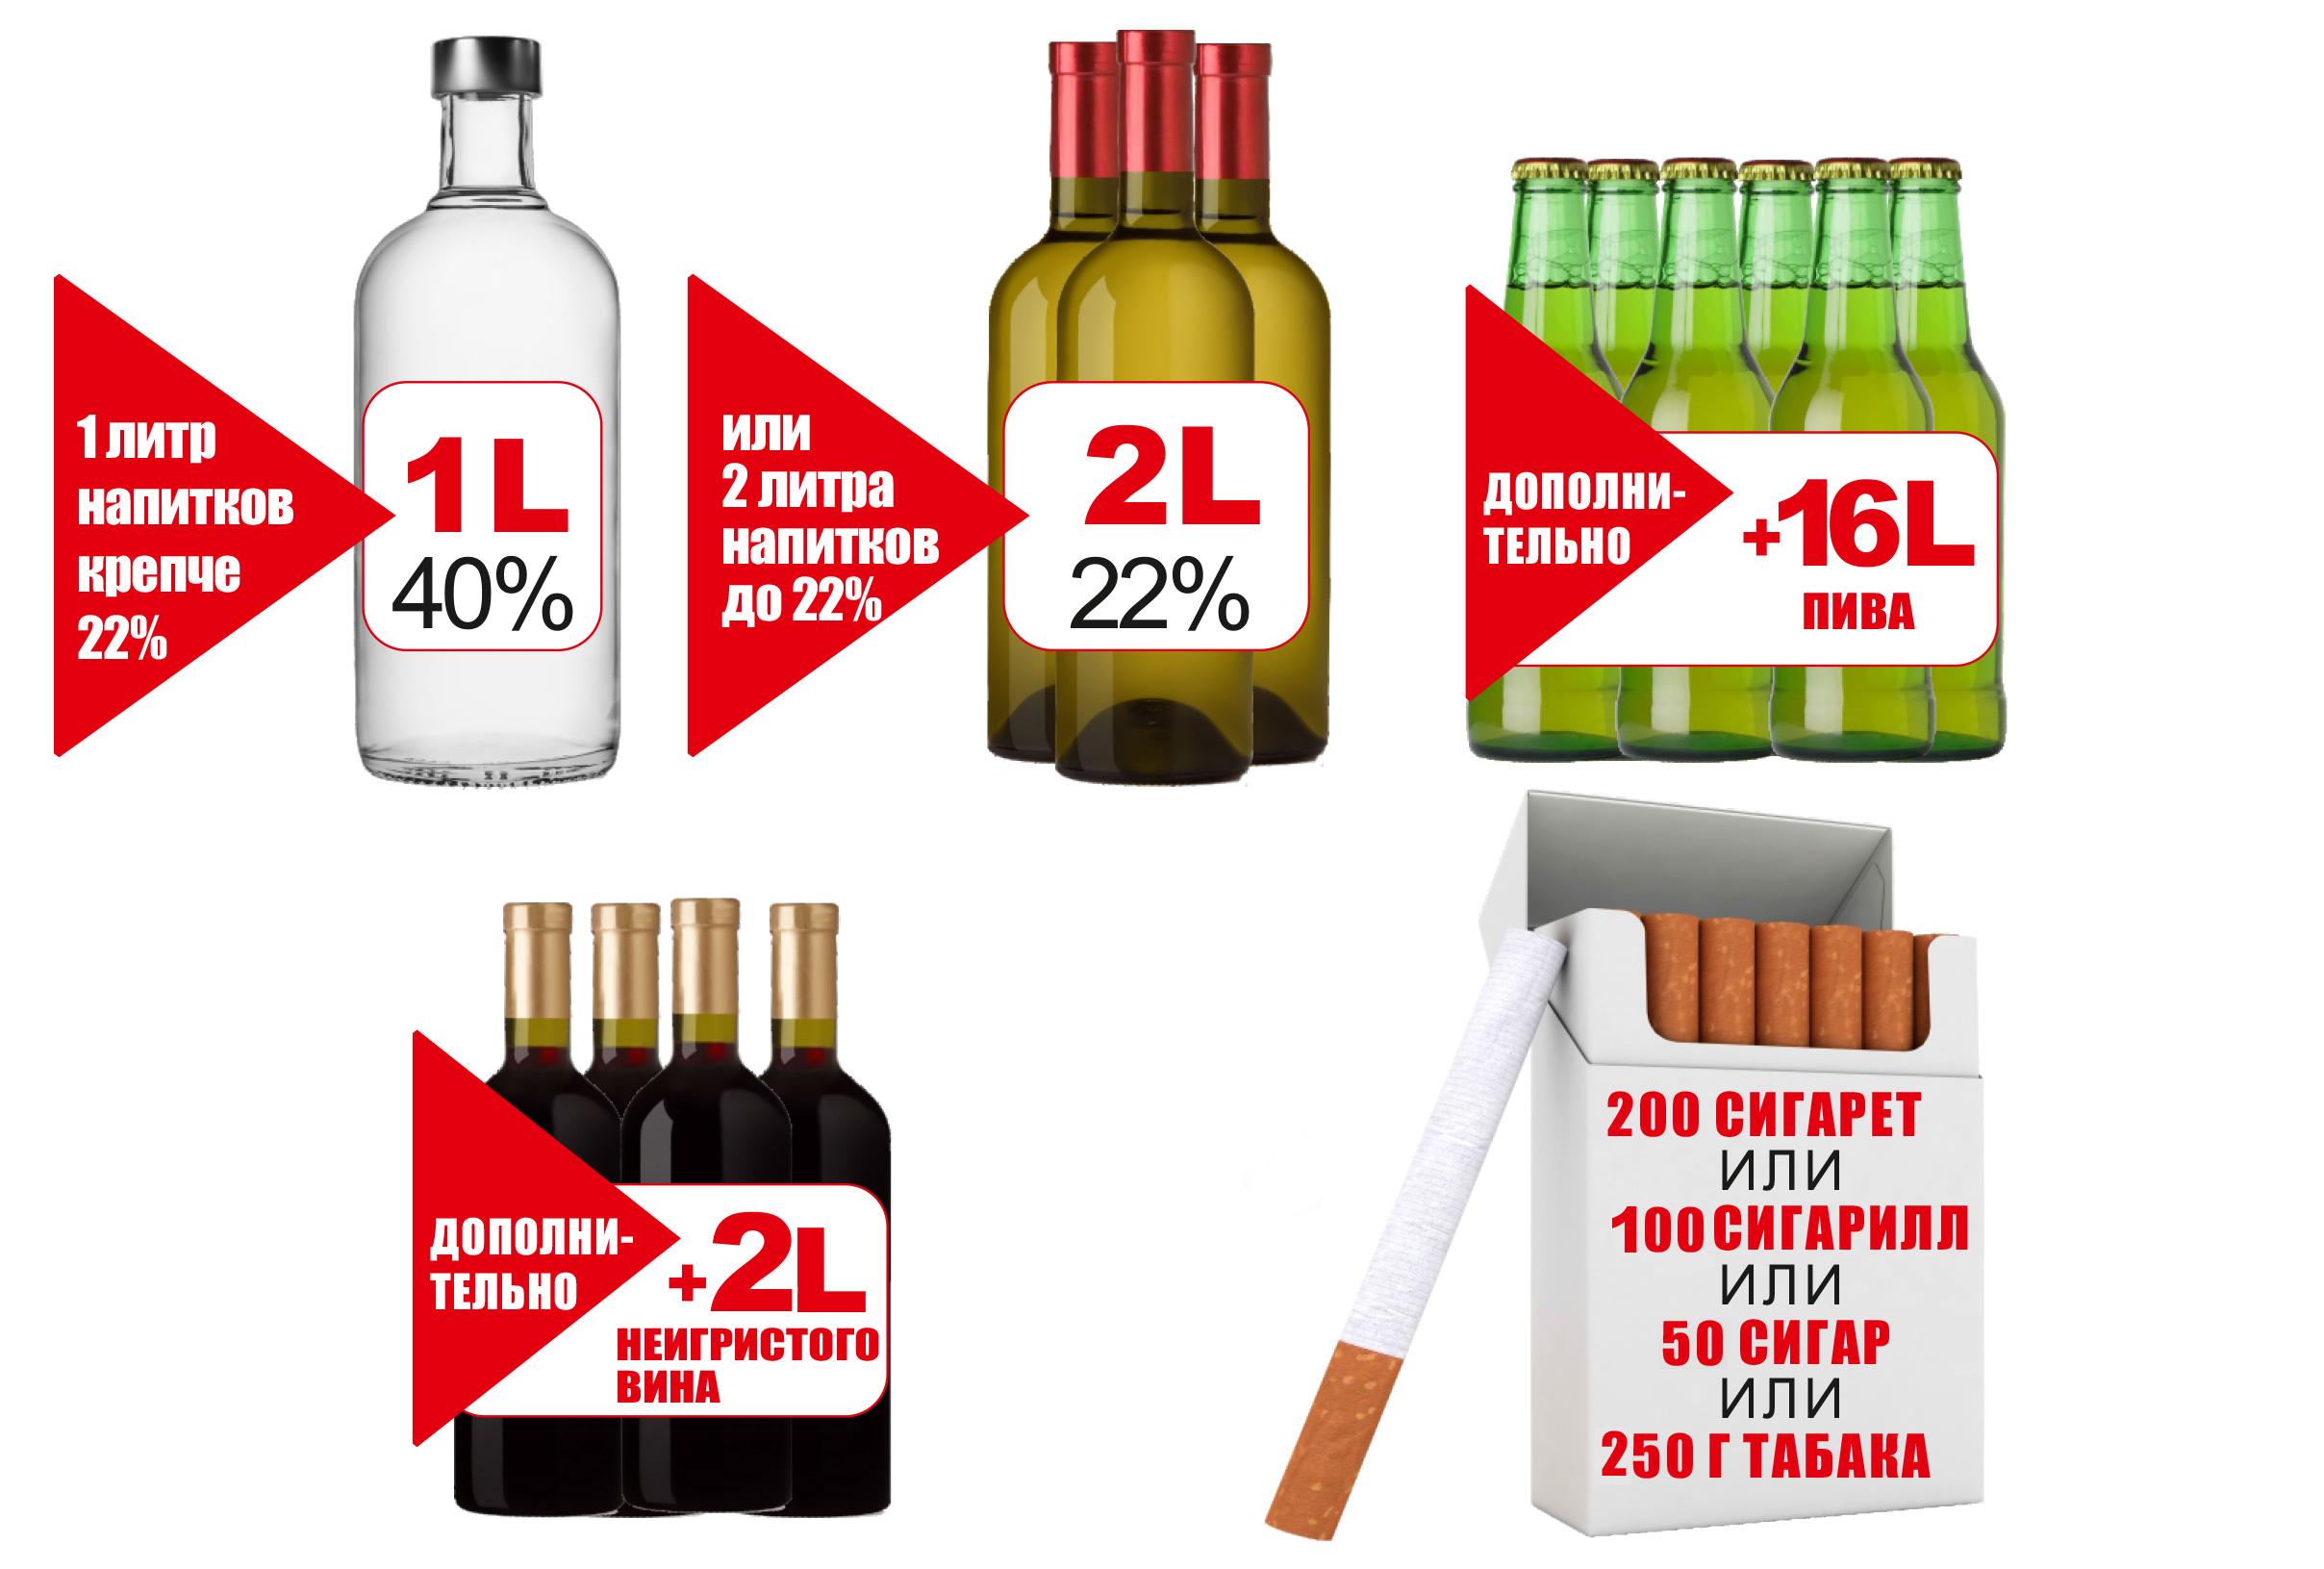 Сколько крепкого алкоголя можно ввезти из Финляндии в Россию